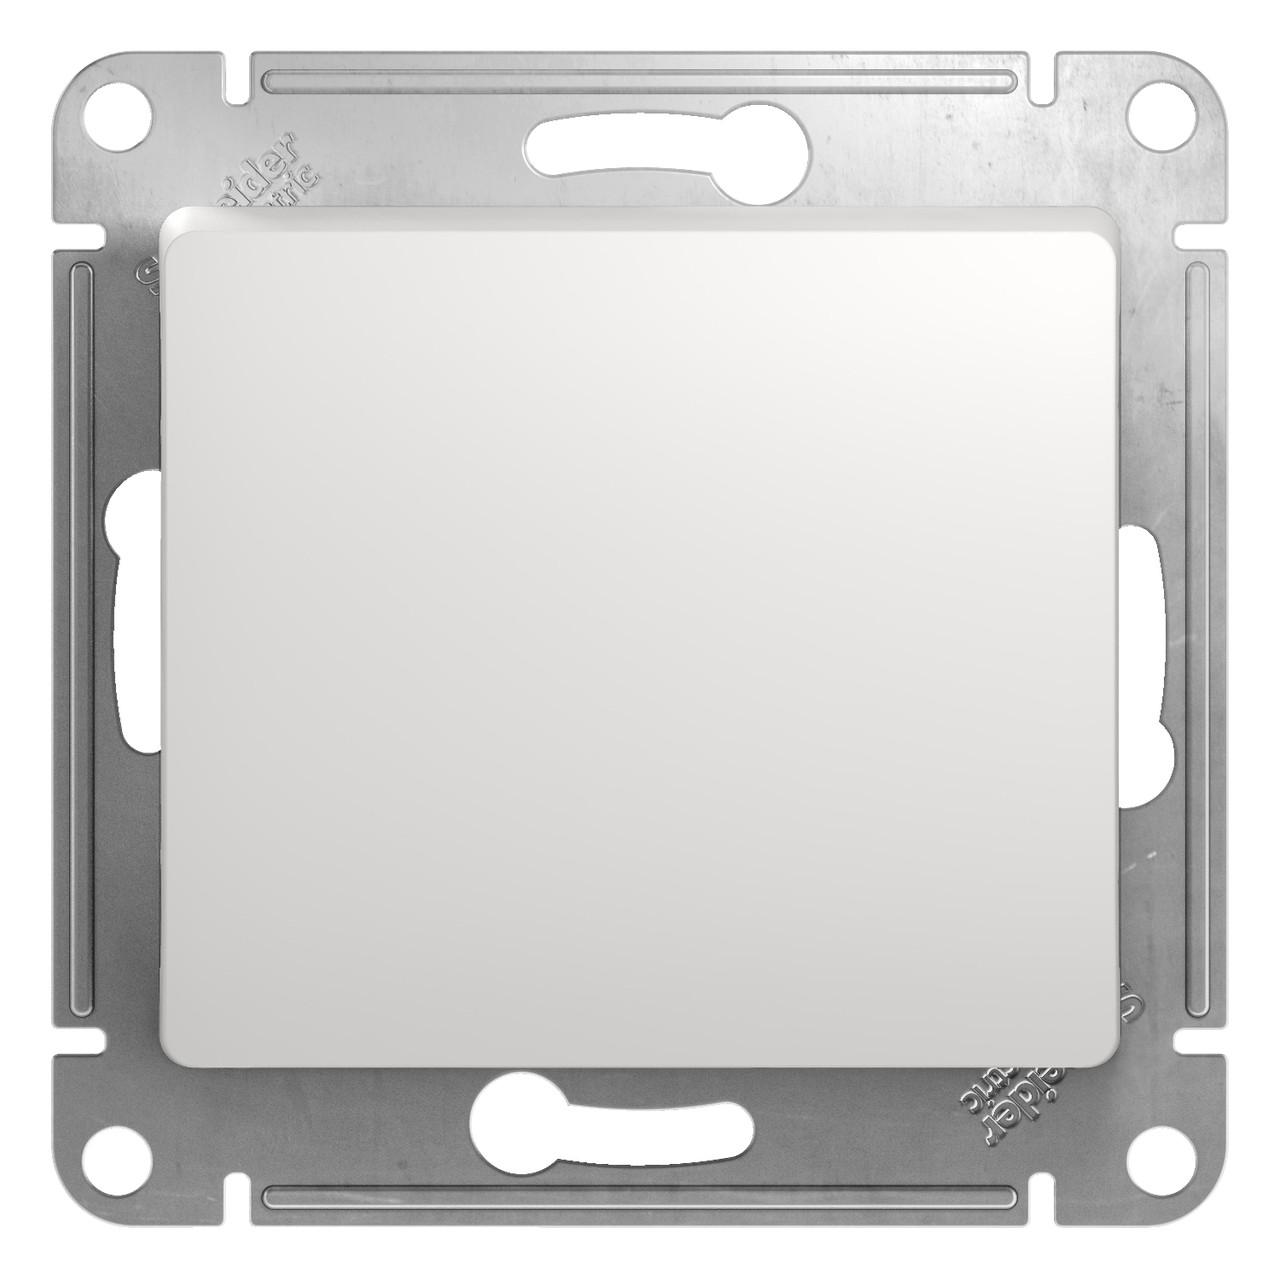 GSL000161 Glossa - 1-полюсовый выключатель на 2 направления - механизм - 10 AX - белый